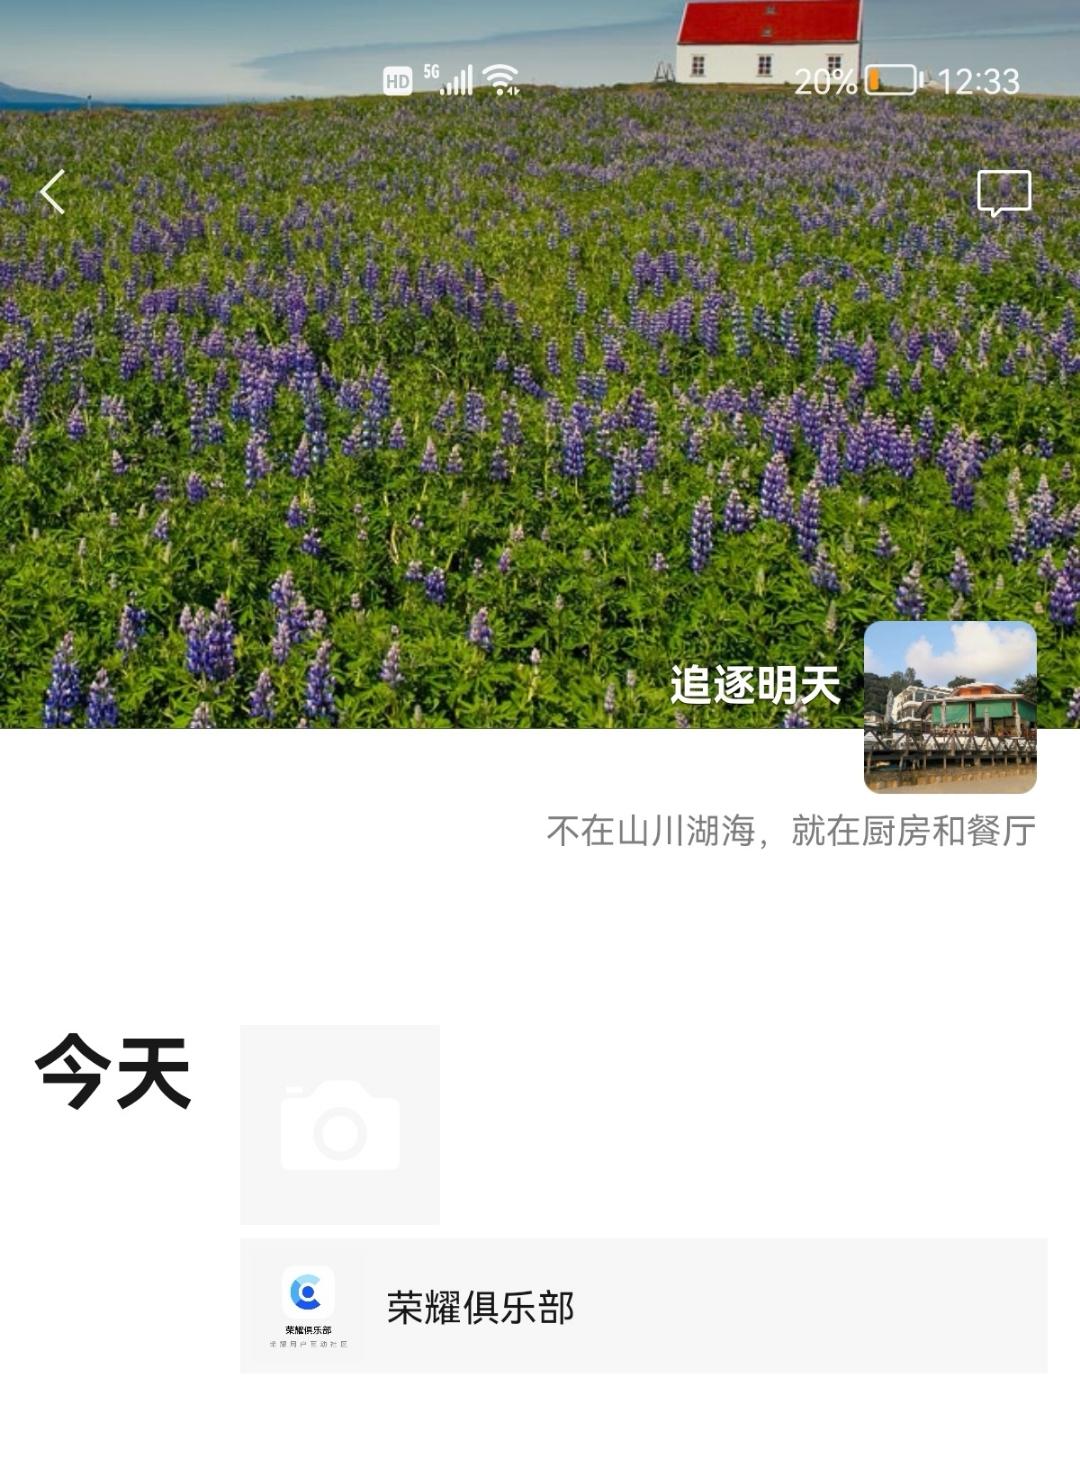 Screenshot_20210908_123308_com.tencent.mm_edit_8751529178872.jpg